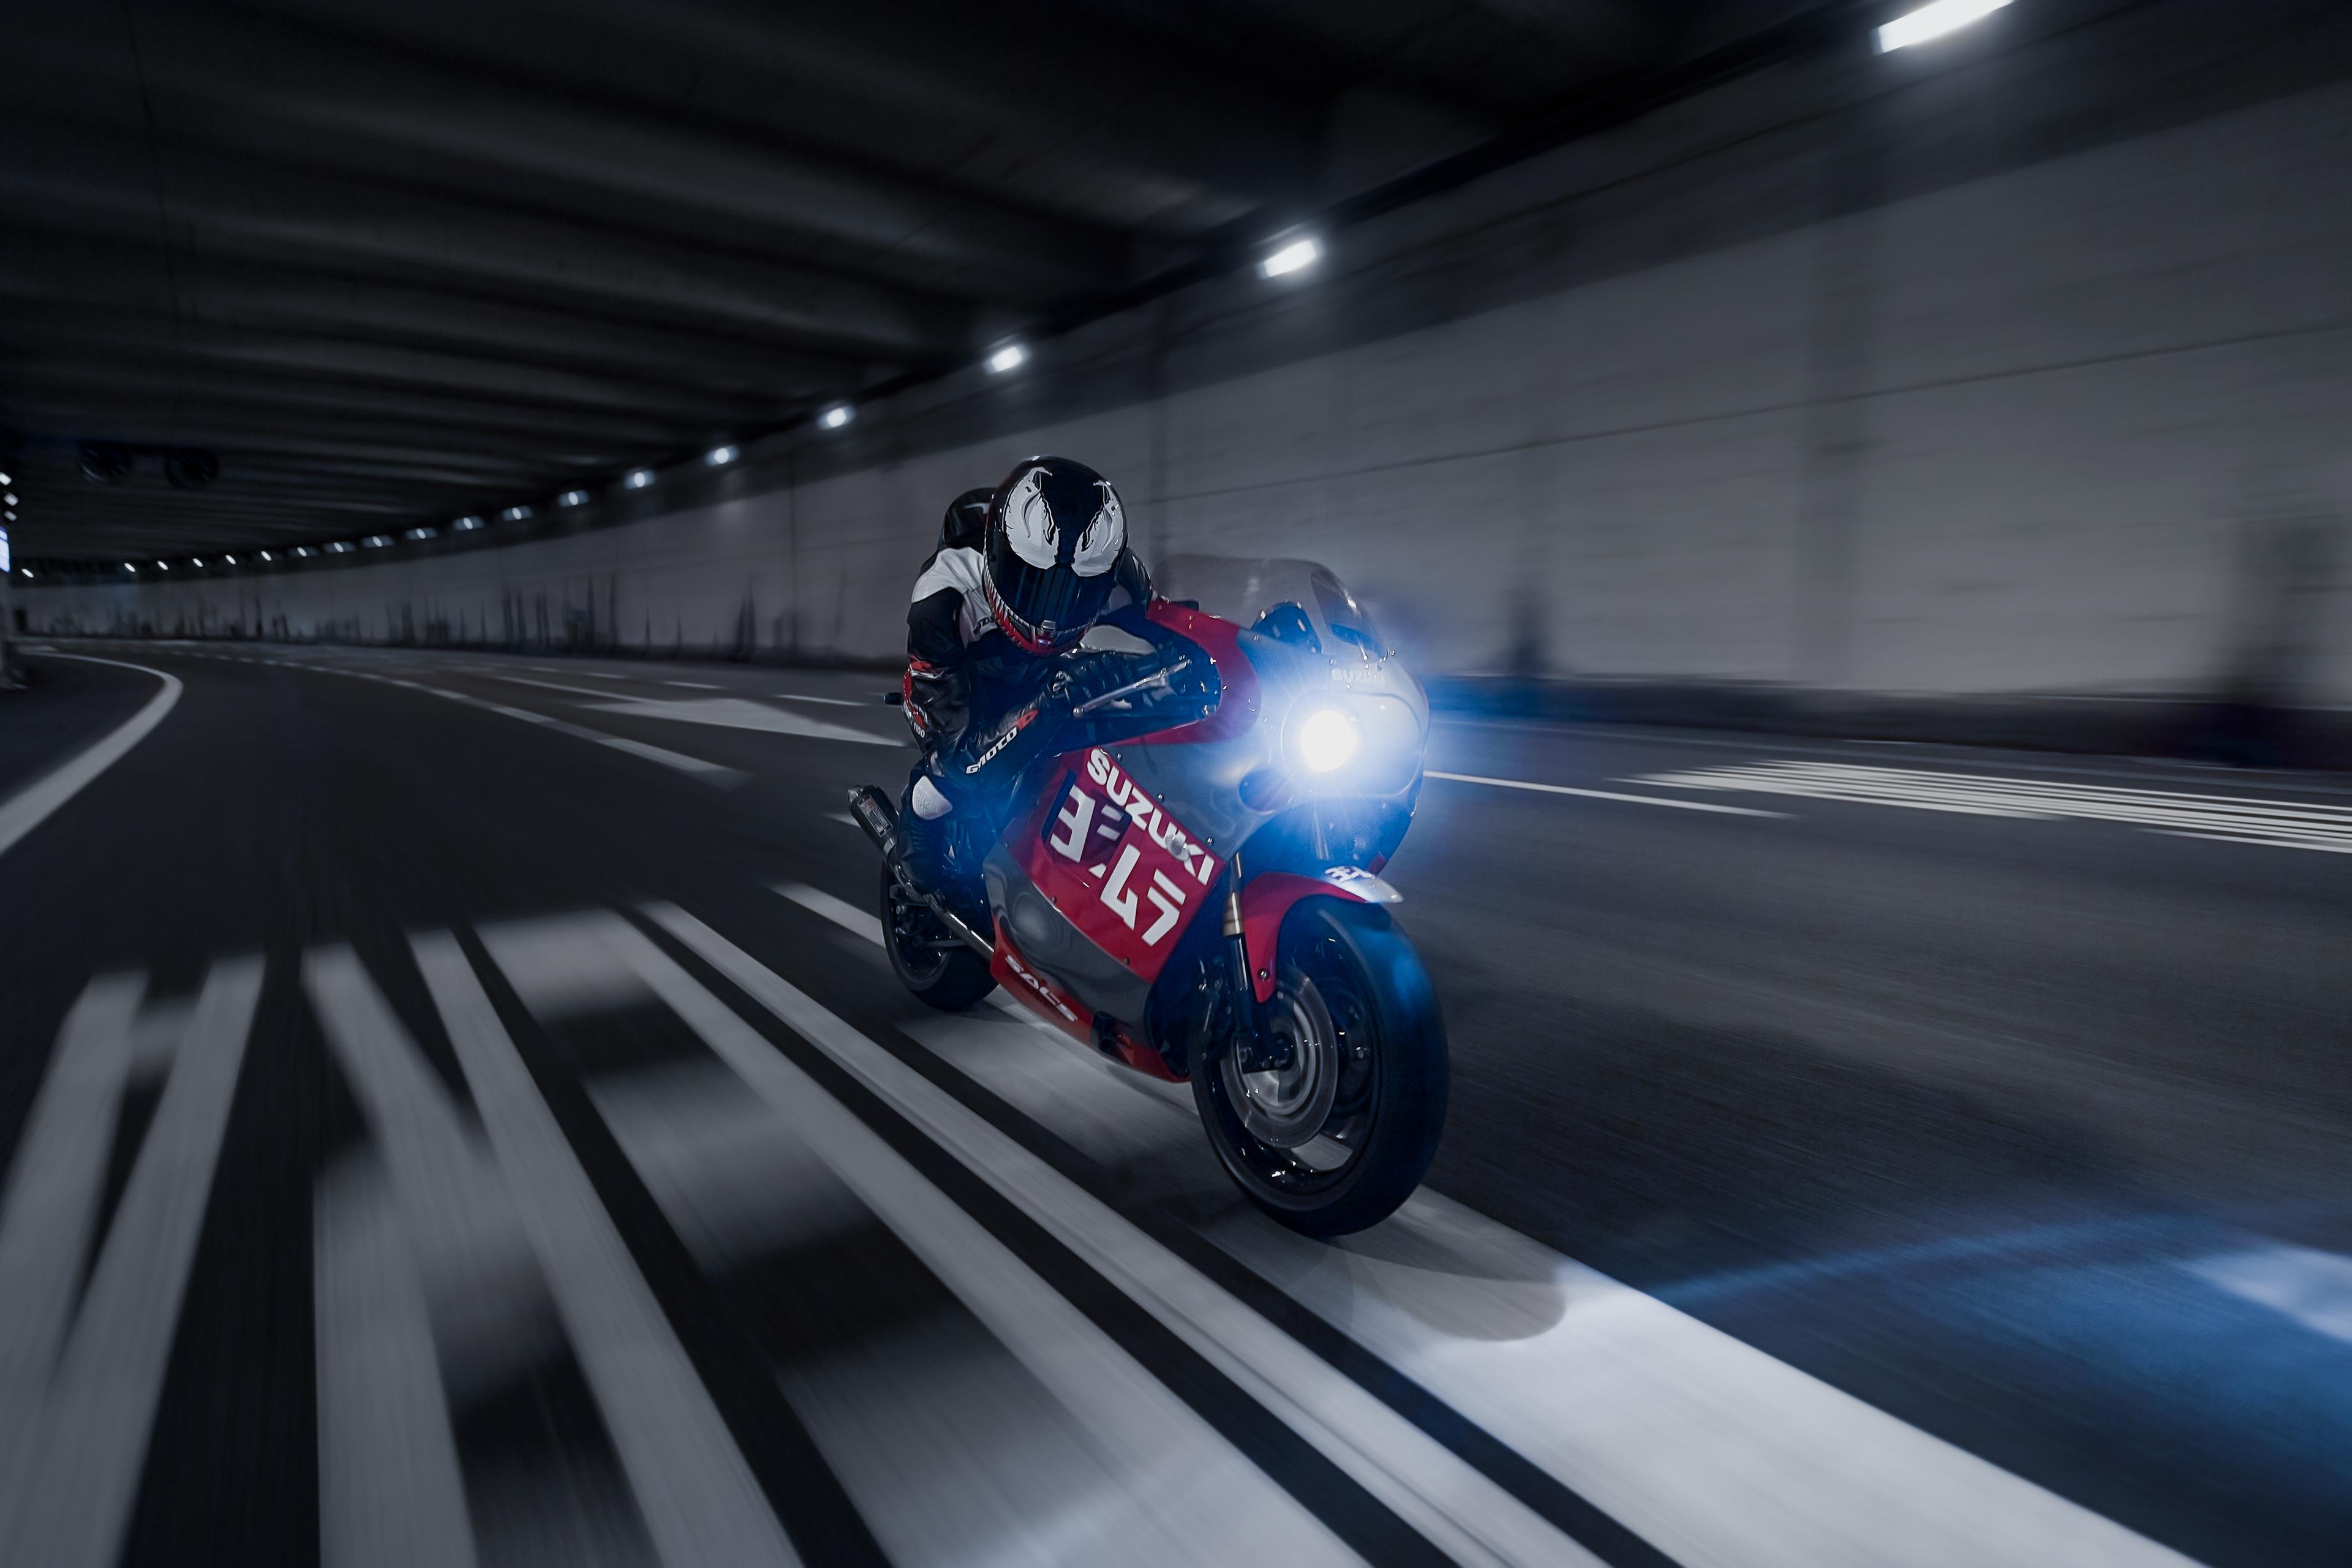 Suzuki GSXR 1100 Venom, HD Bikes, 4k Wallpapers, Images